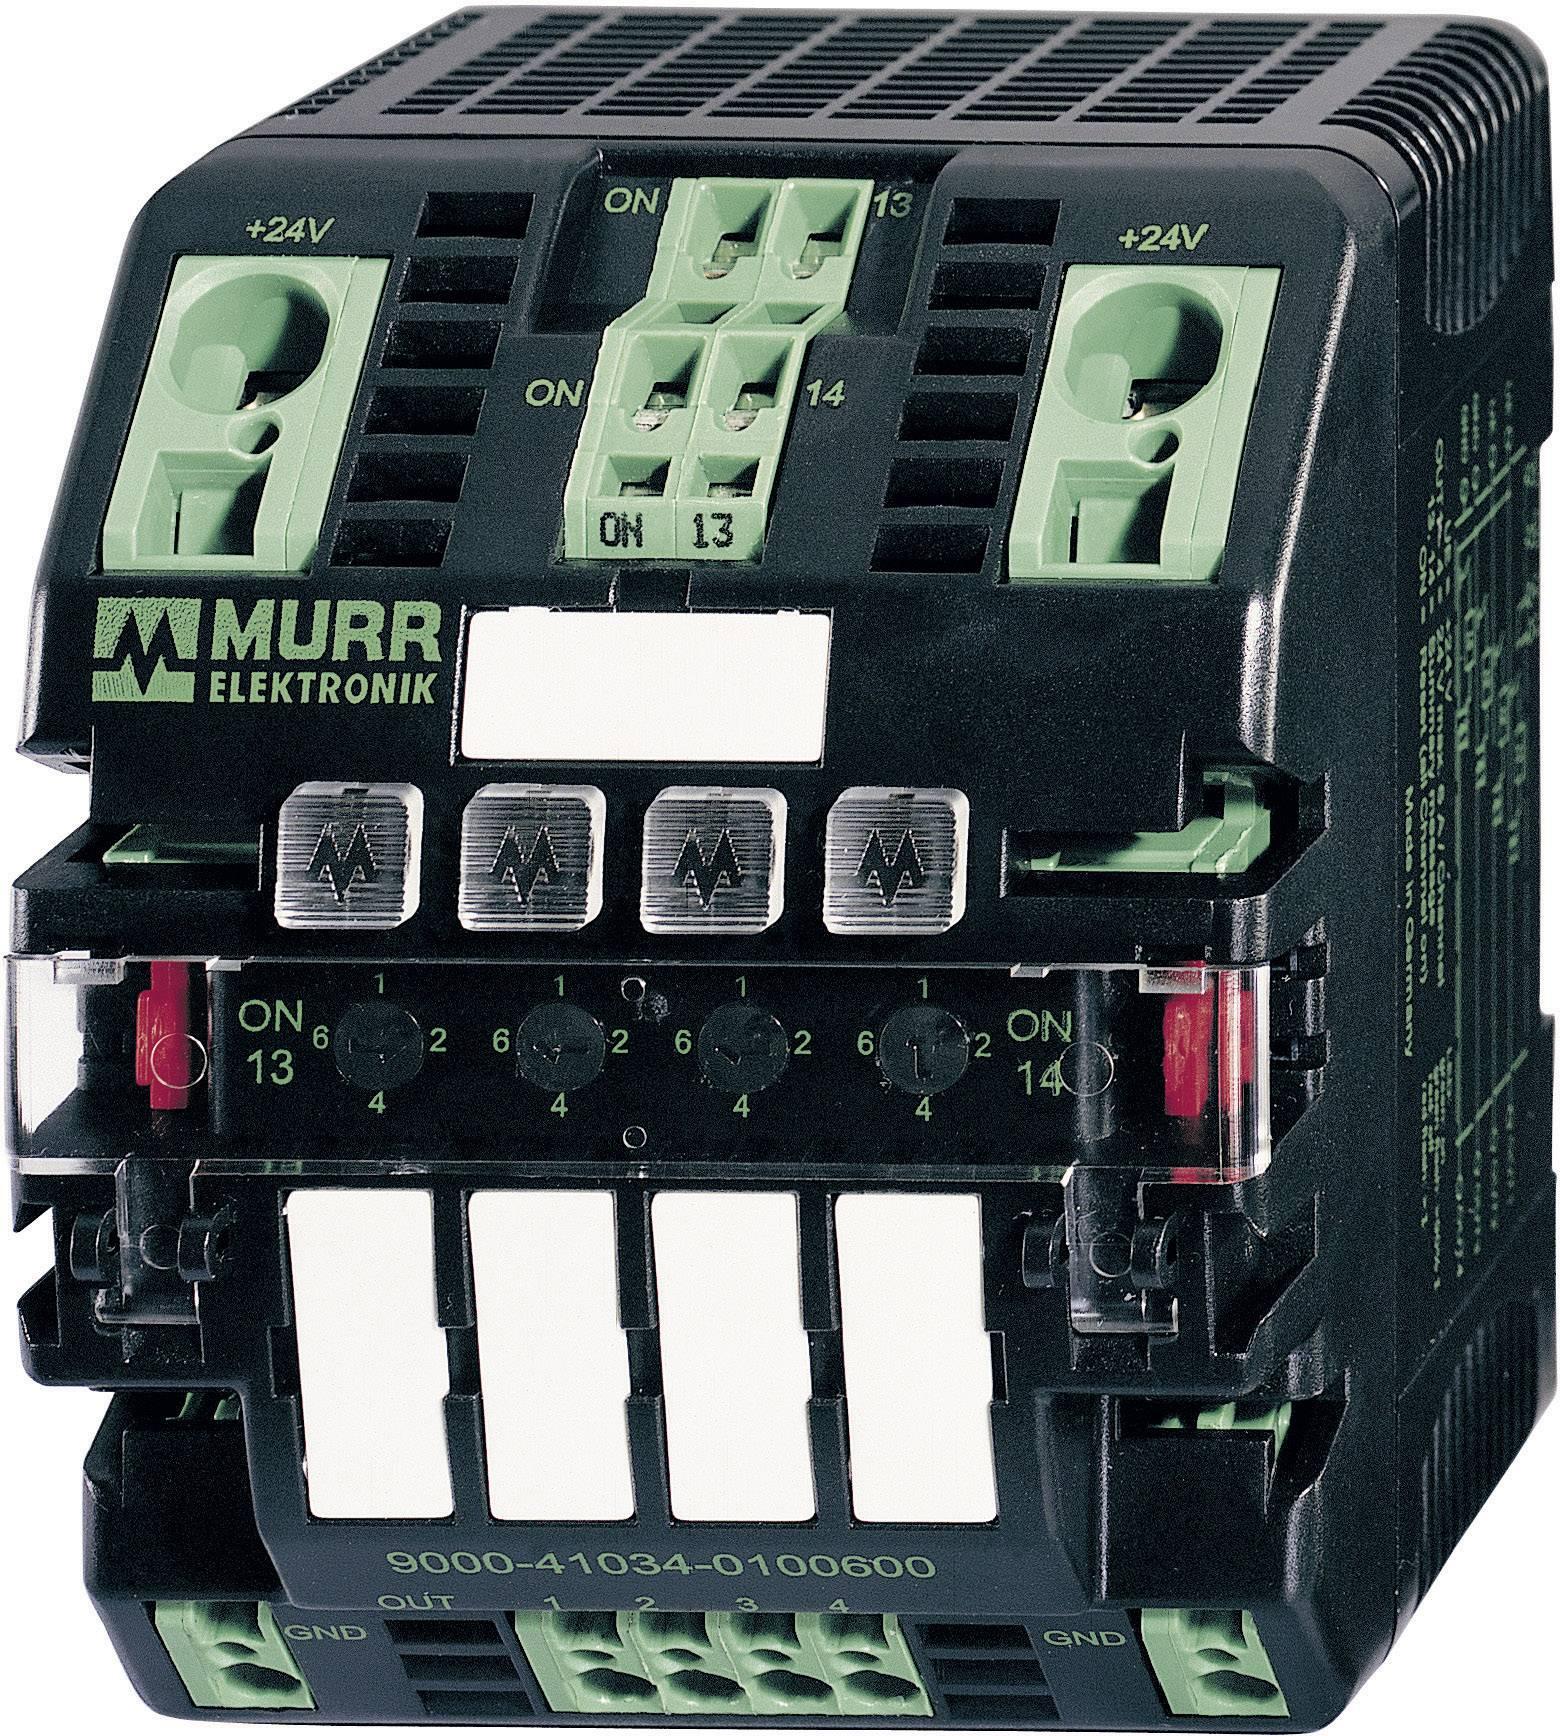 Regulátor zátěže Murr Elektronik Mico 4.6 na DIN lištu, 24 V/DC, max. 6 A